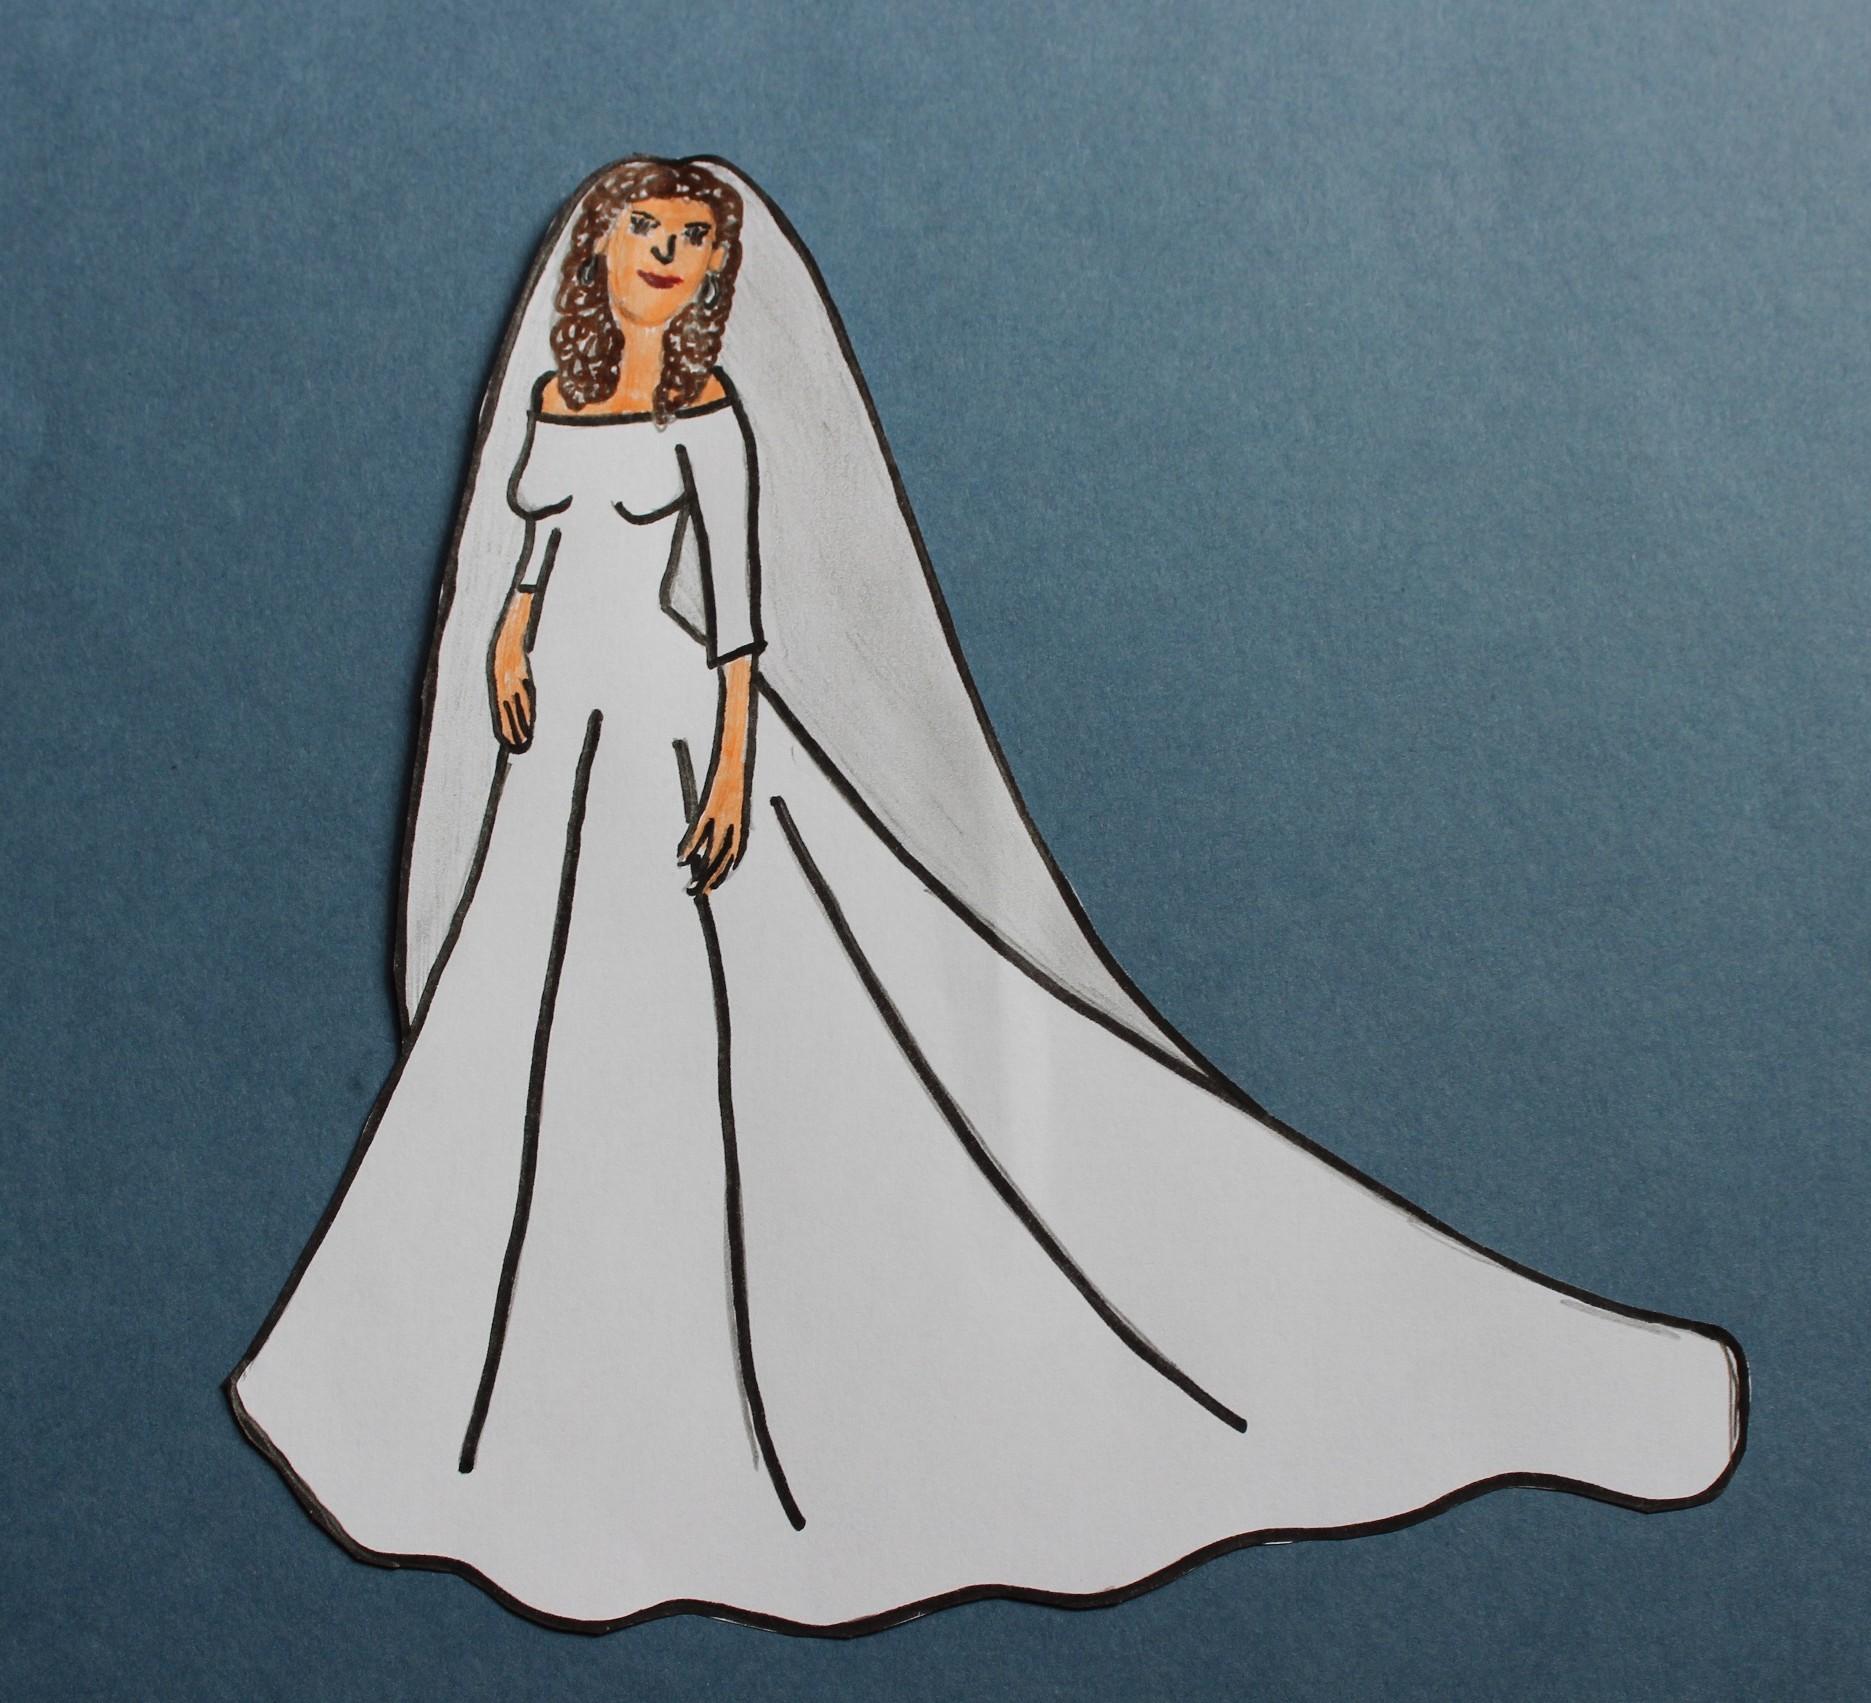 Le choix de ma robe de mariée : entre compromis et solutions ingénieuses